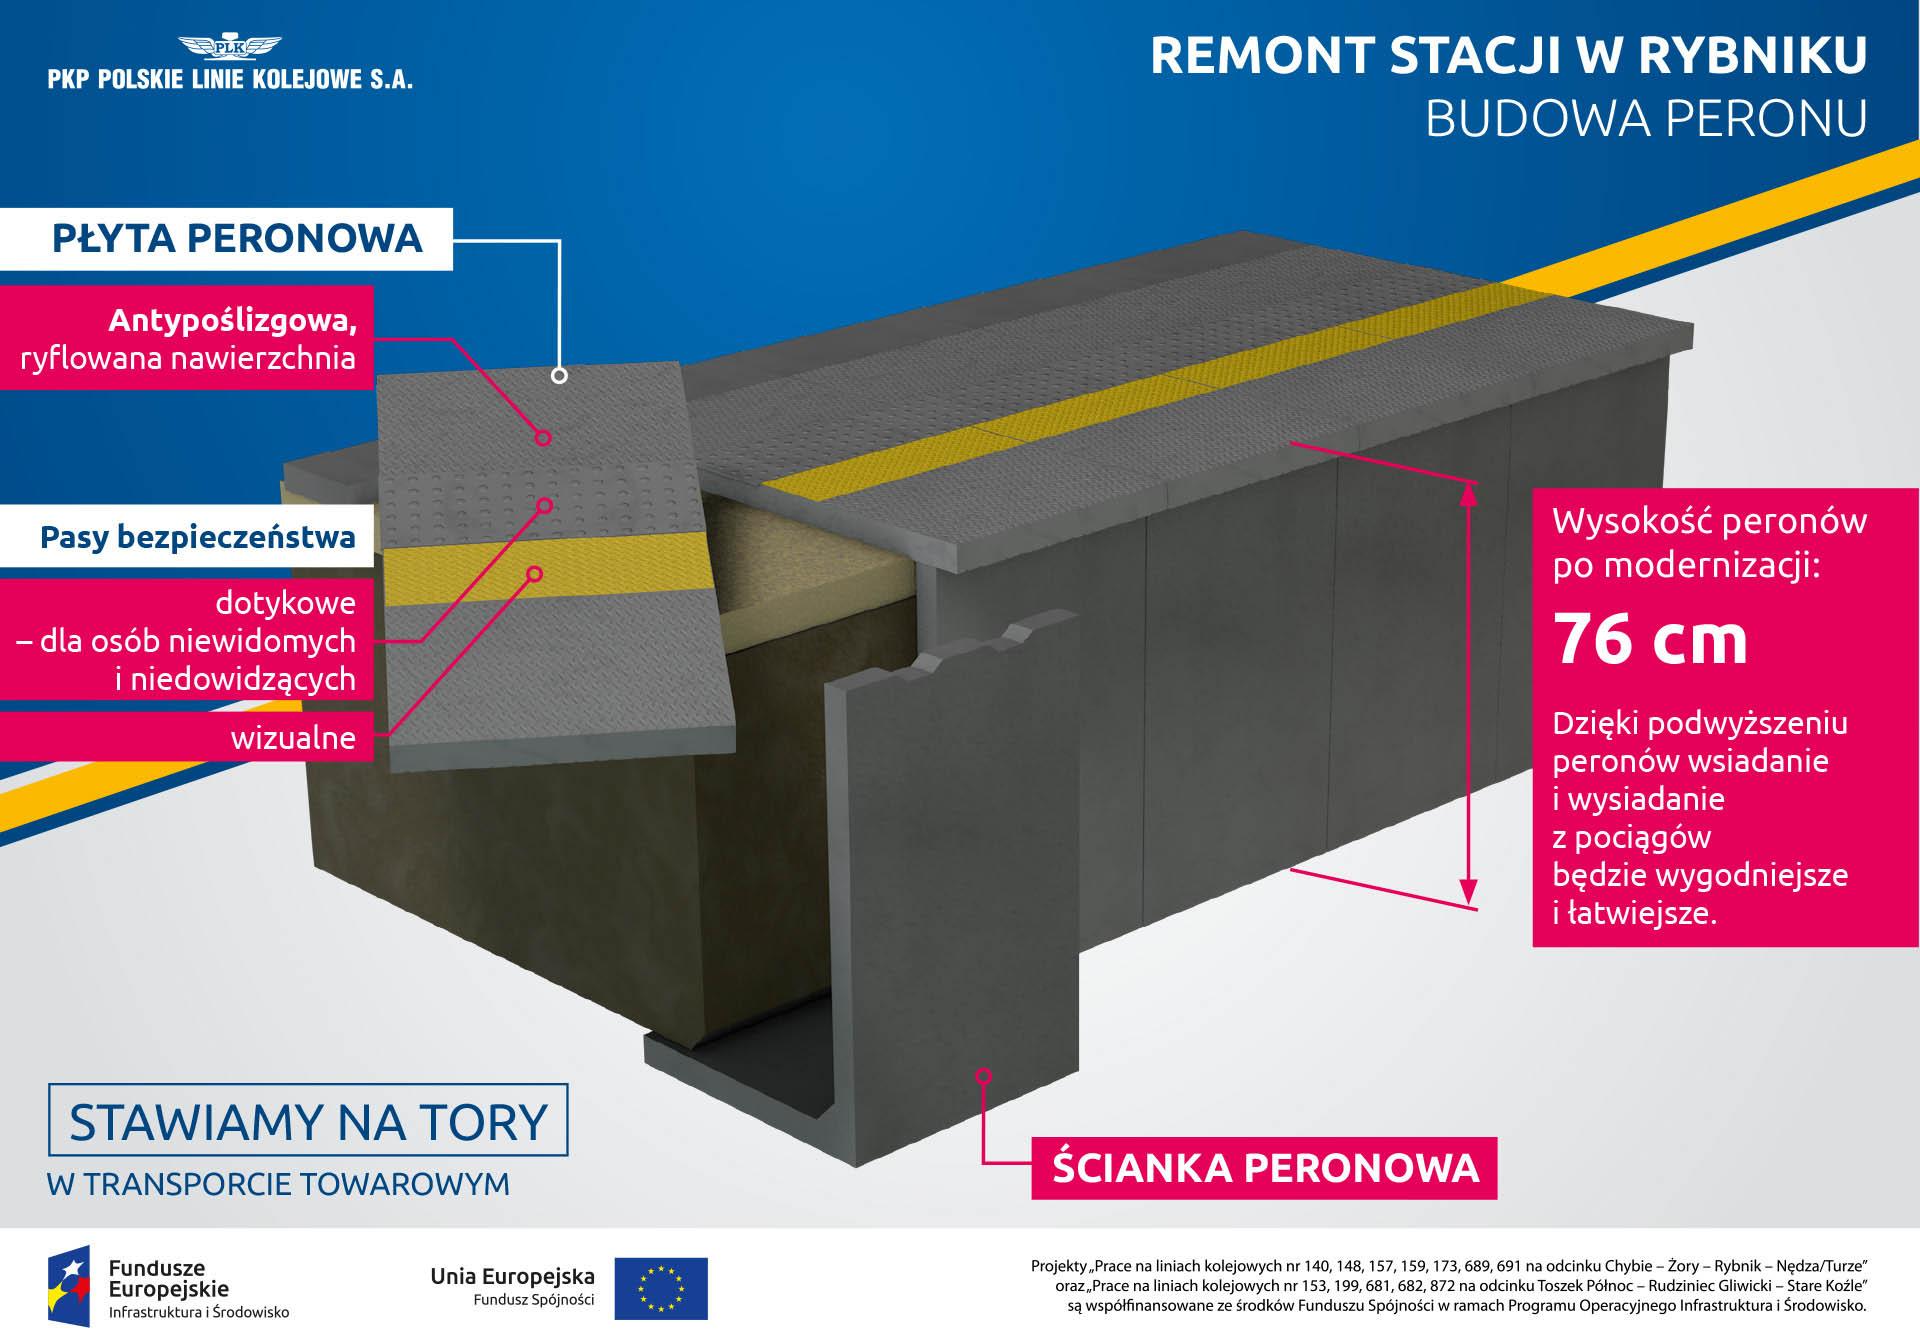 Infografika mówi o zmianach na peronach w Rybniku. Dodano antypoślizgową płyty peronu, namalowany pasy bezpieczeństwa, zwiększono wysokość peronów do siedemdziesięciu sześciu centymetrów.